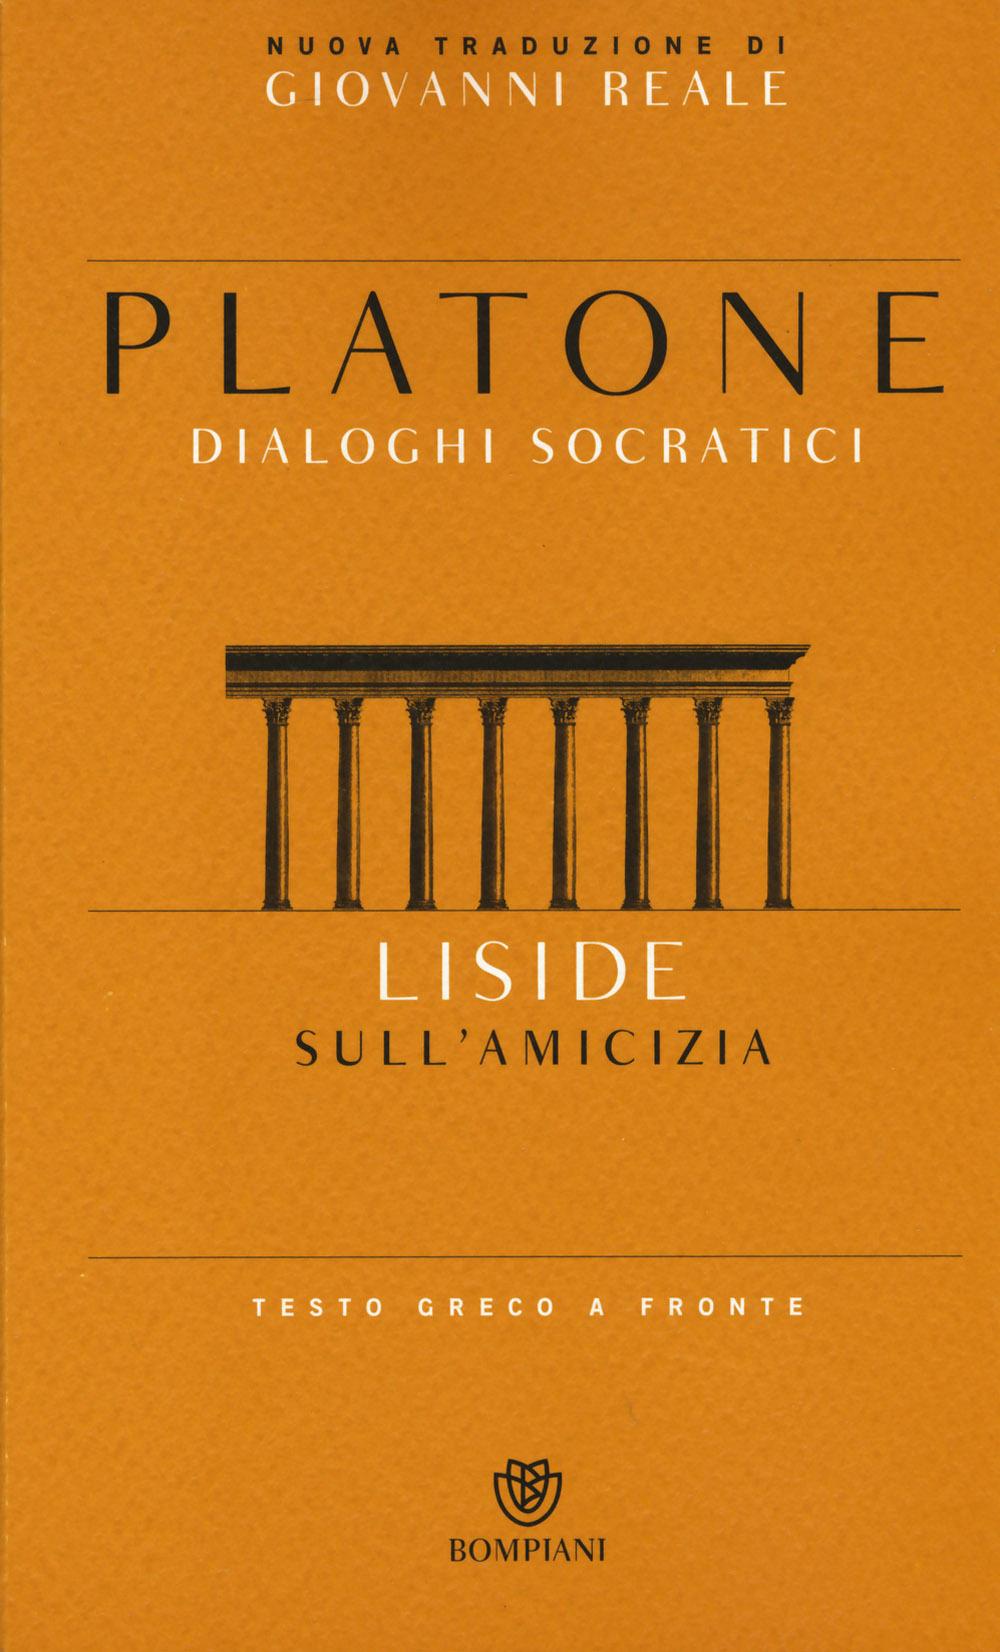 Liside. Sull'amicizia. Dialoghi socratici. Testo greco a fronte